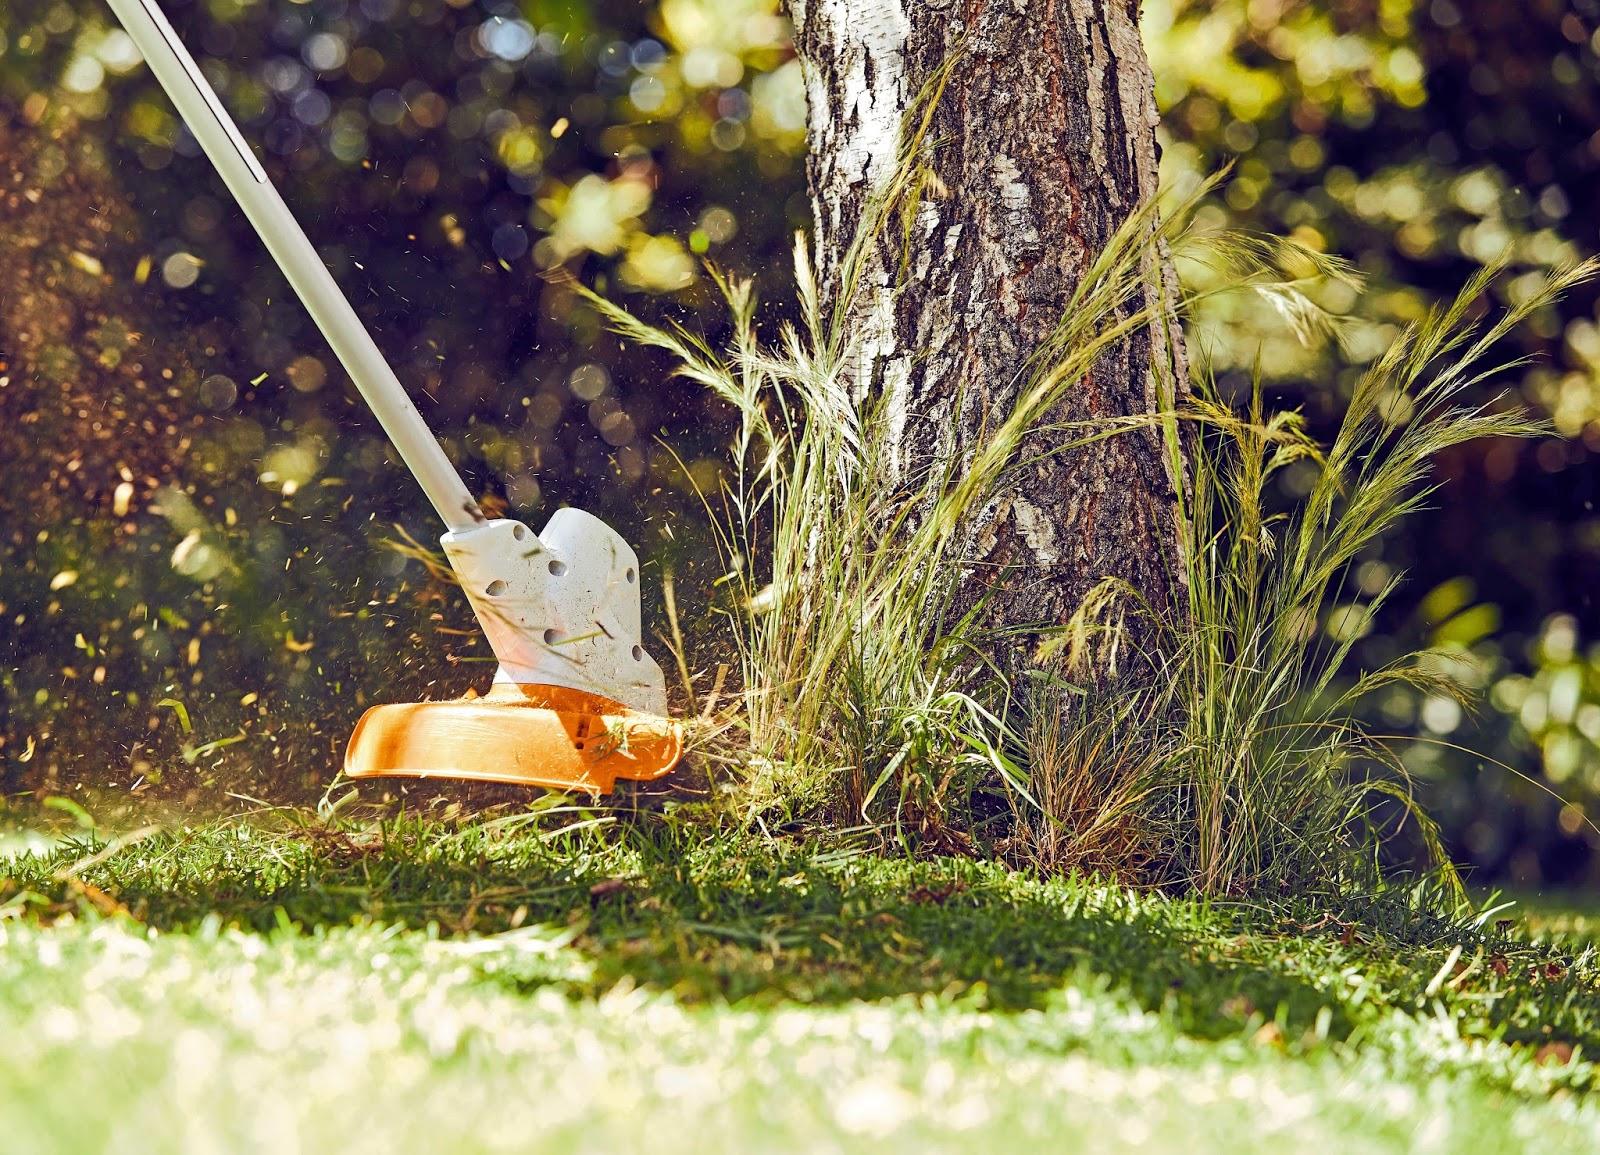 Fruhjahrsputz Garten Tipps Gartensaison ? Blessfest.info Fruhjahrsputz Garten Tipps Gartensaison